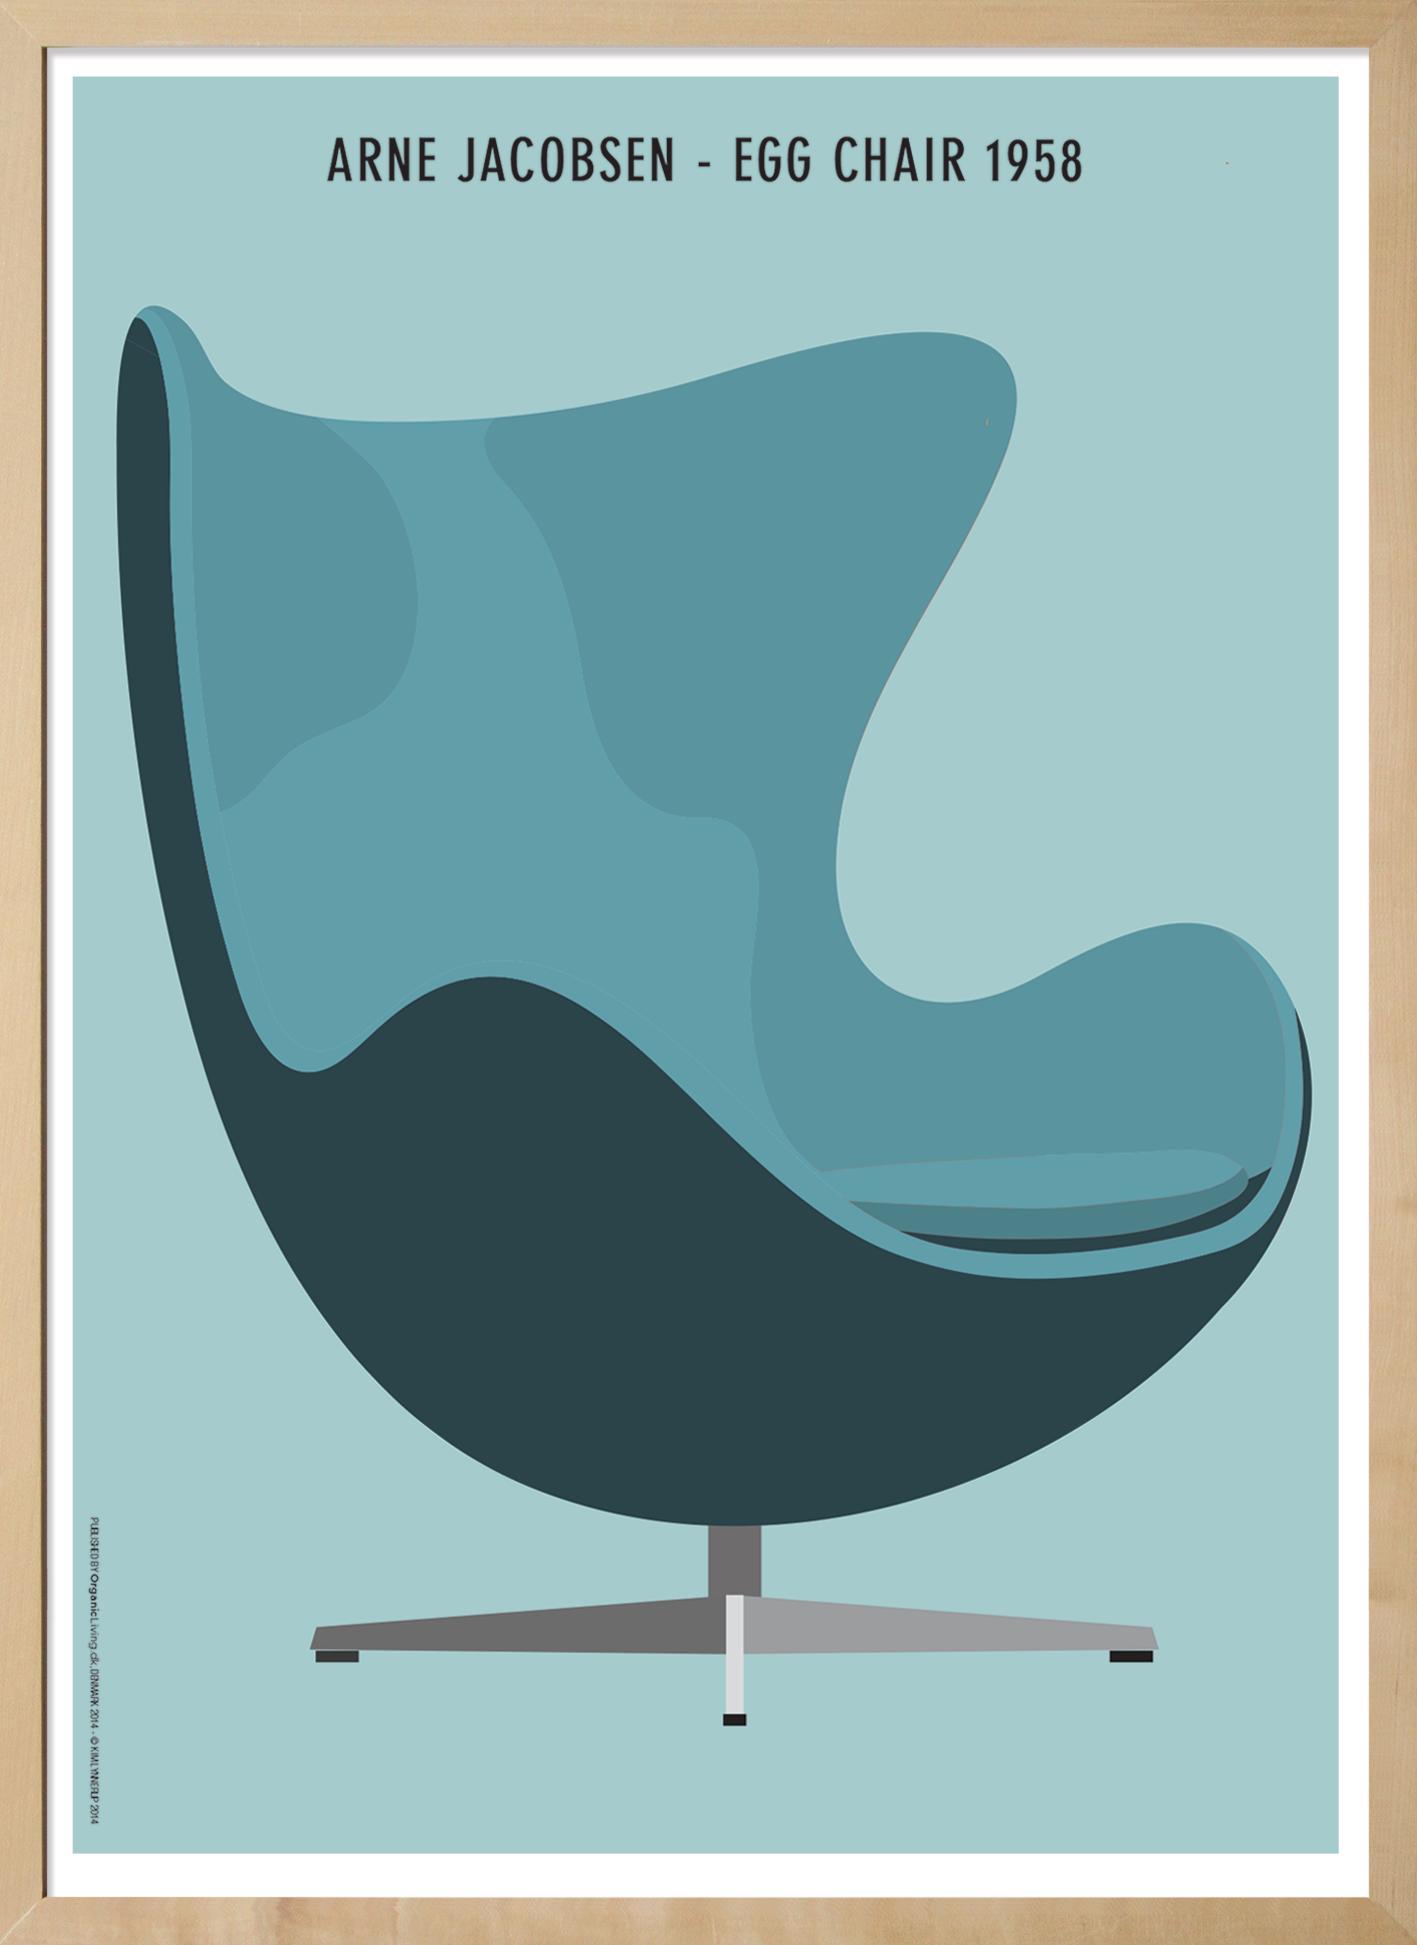 plakat arne jacobsens egg chair design kunstner kim lynnerup plakatter pinterest. Black Bedroom Furniture Sets. Home Design Ideas